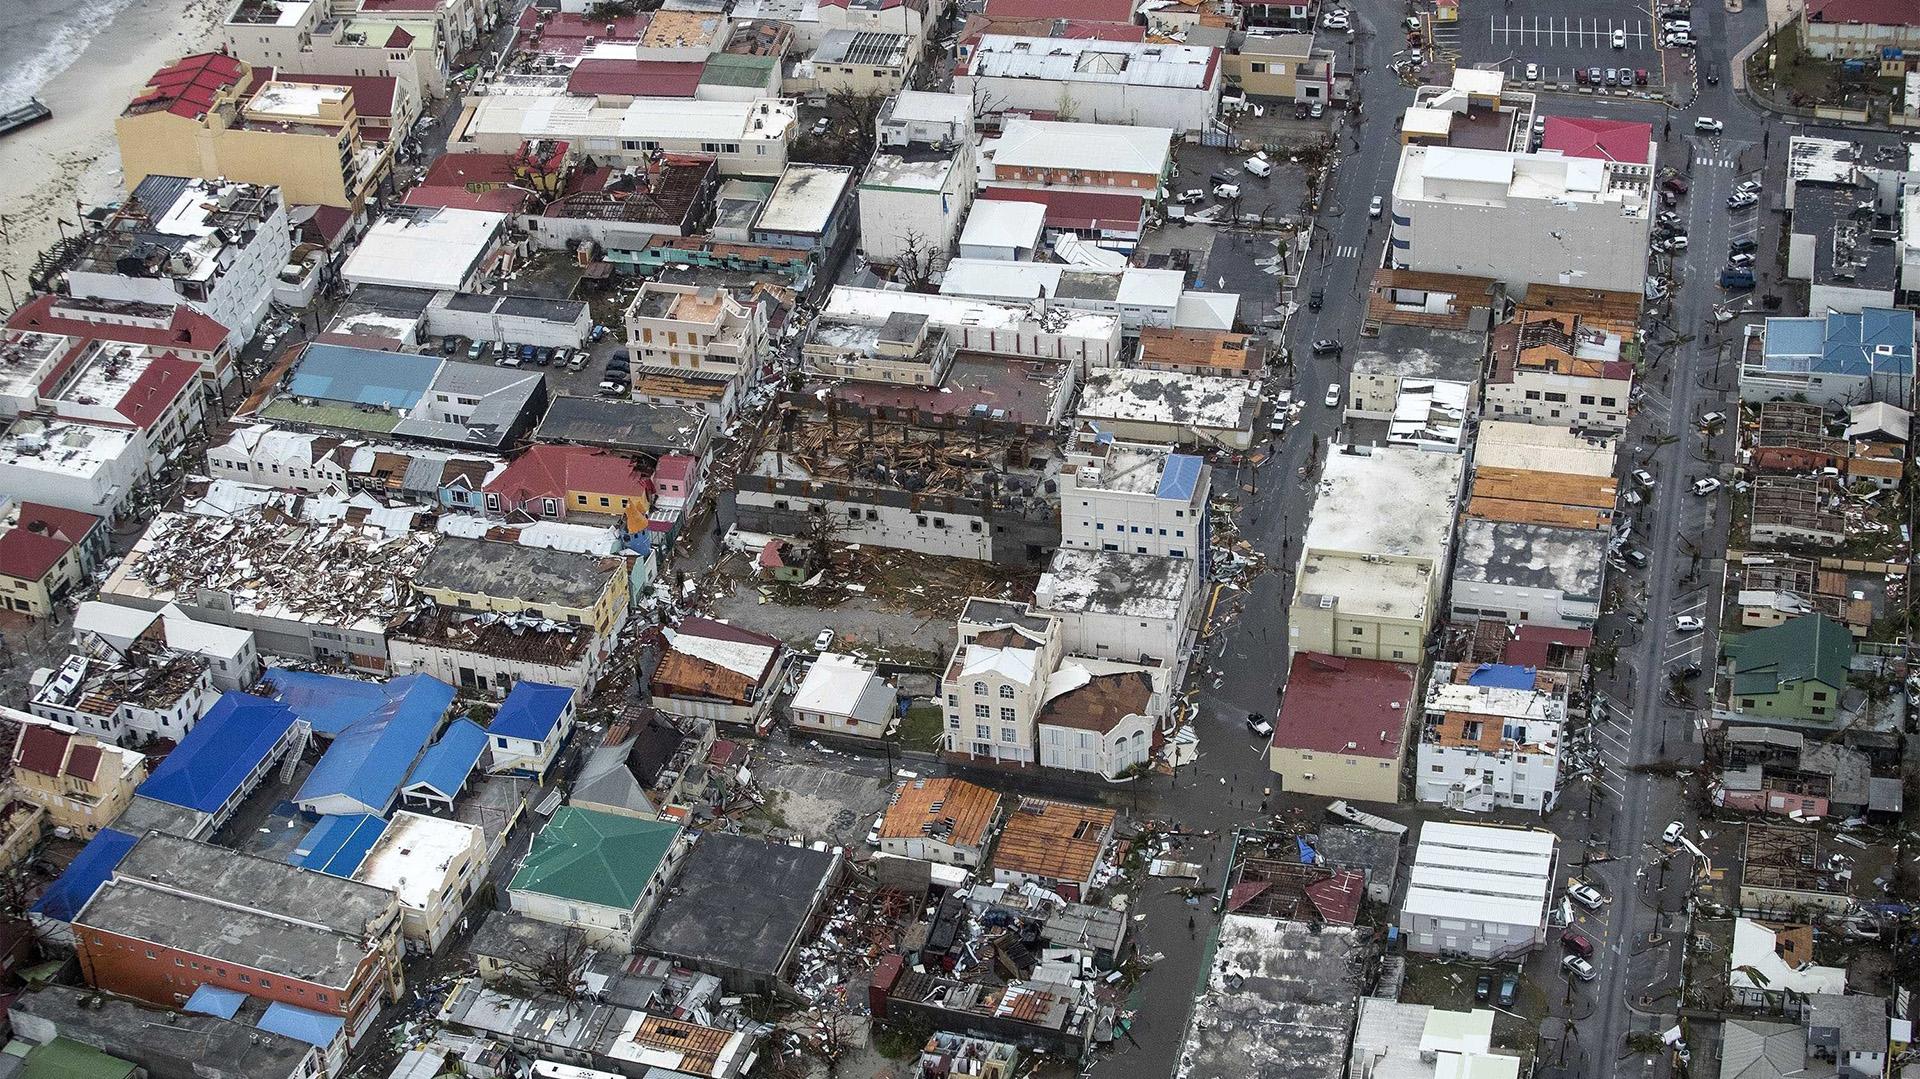 Daños causados por el huracán Irma a su paso por Philipsburg, en la isla de San Martín (EFE)